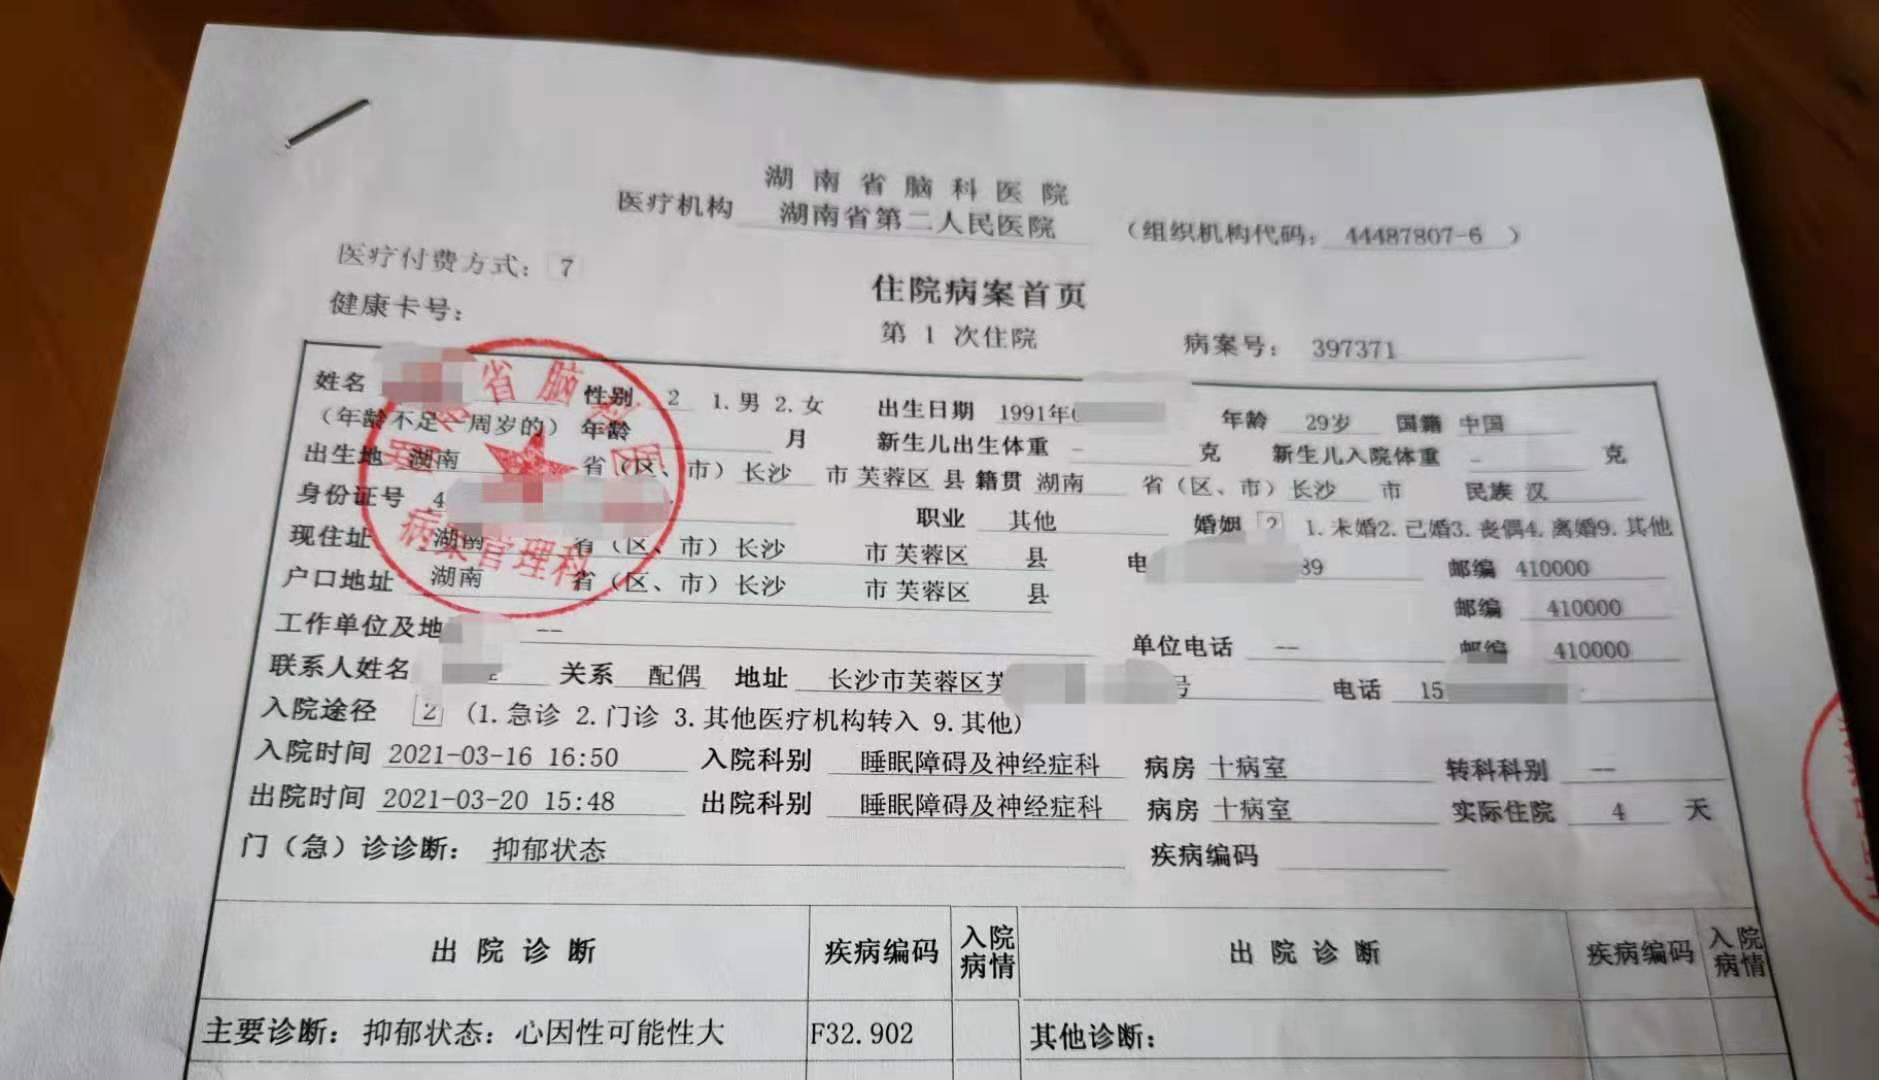 刘楠的住院病例